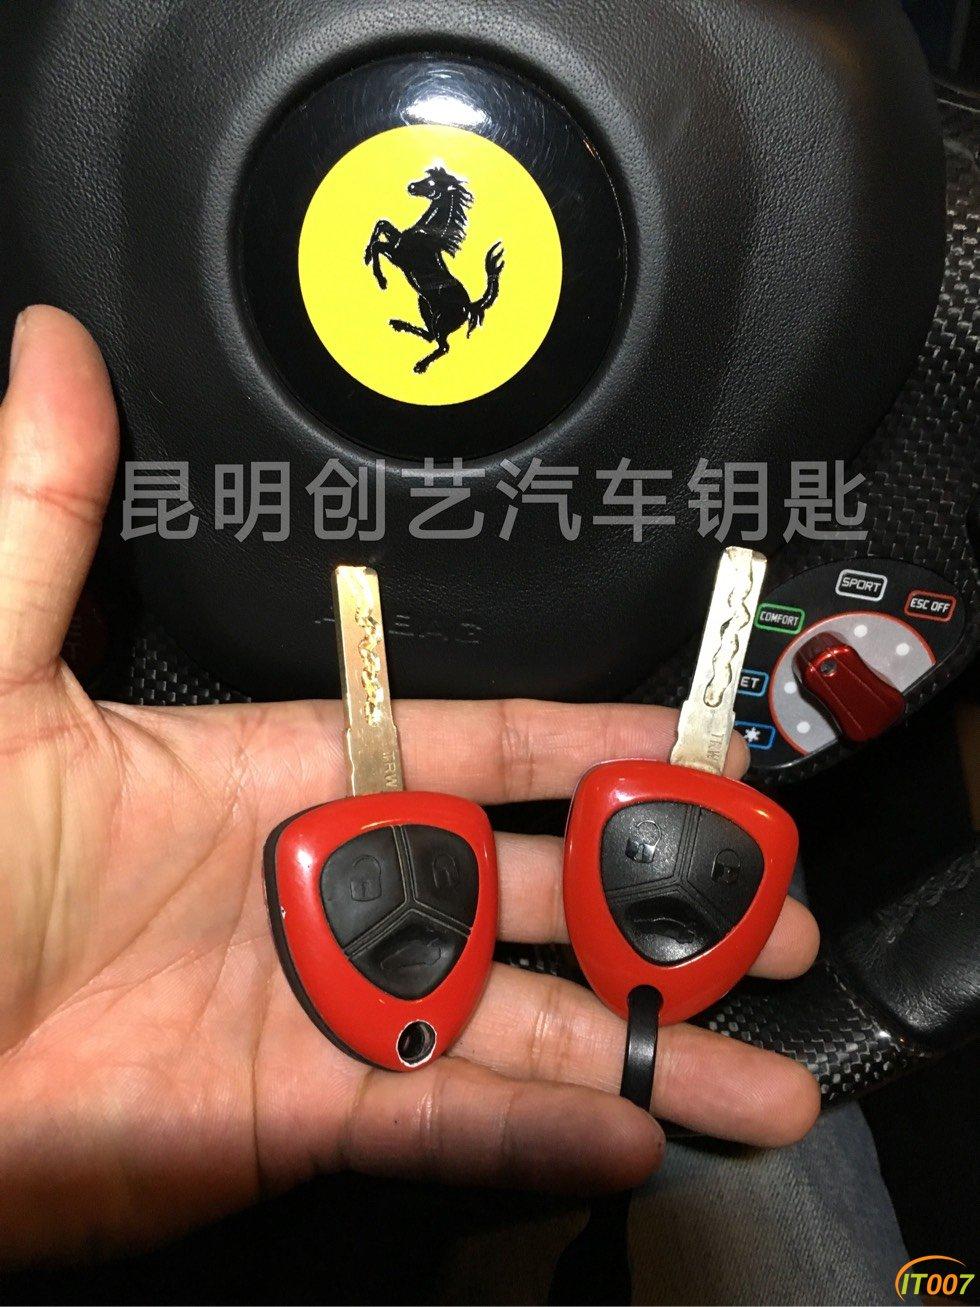 专业配汽车钥匙 车库遥控器 门禁卡